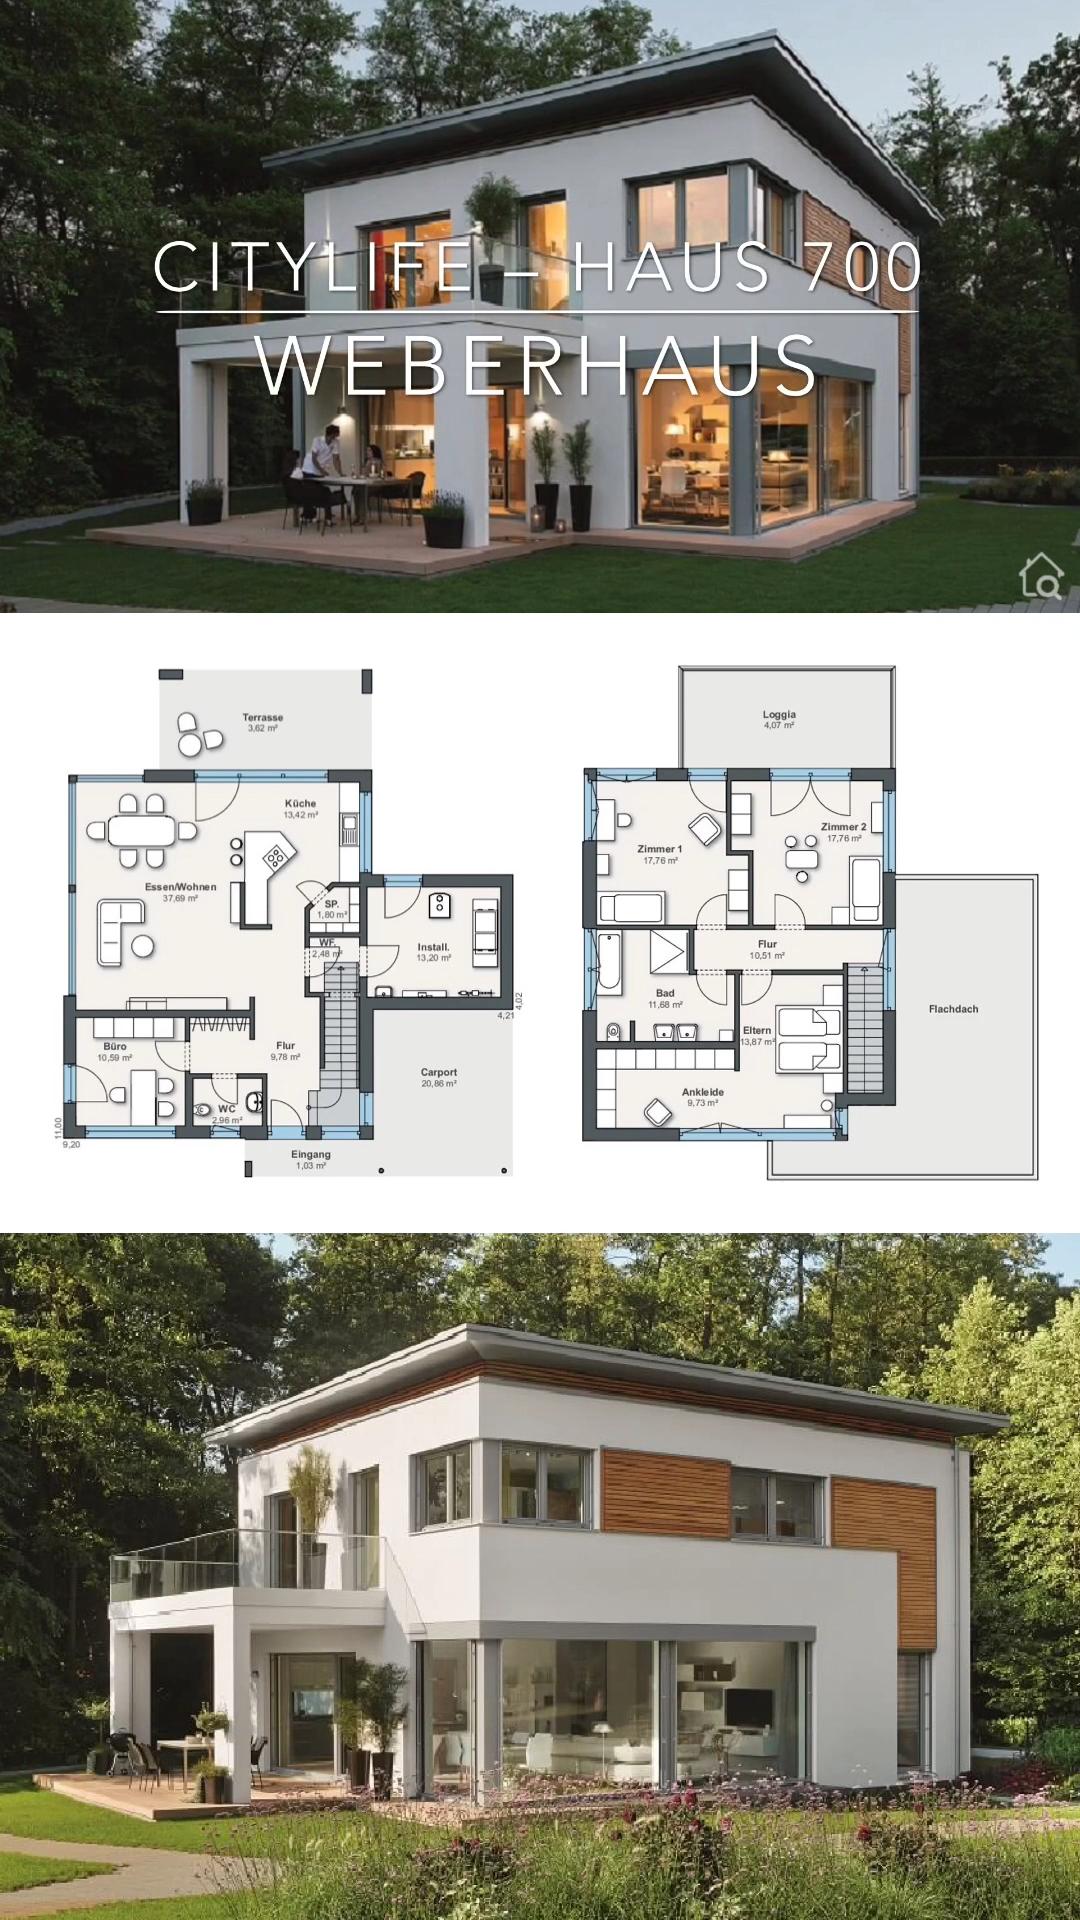 Einfamilienhaus modern mit Flachdach bauen Haus Ideen mit Grundriss